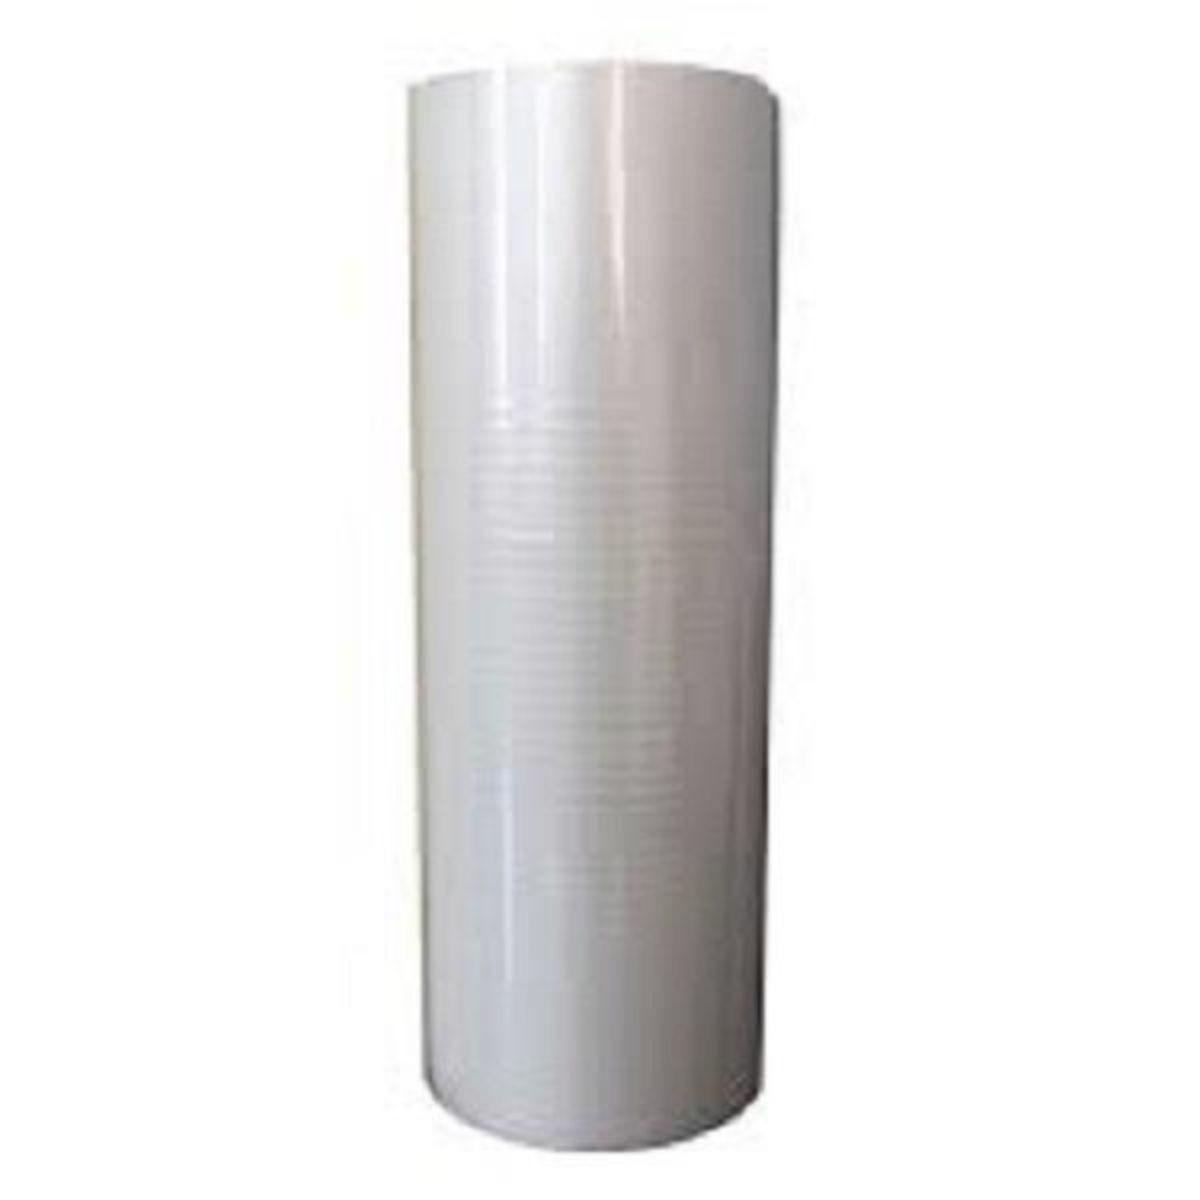 Bobina de BOPP para Laminação Brilho 35cm x 350M (24 micras)  - Click Suprimentos